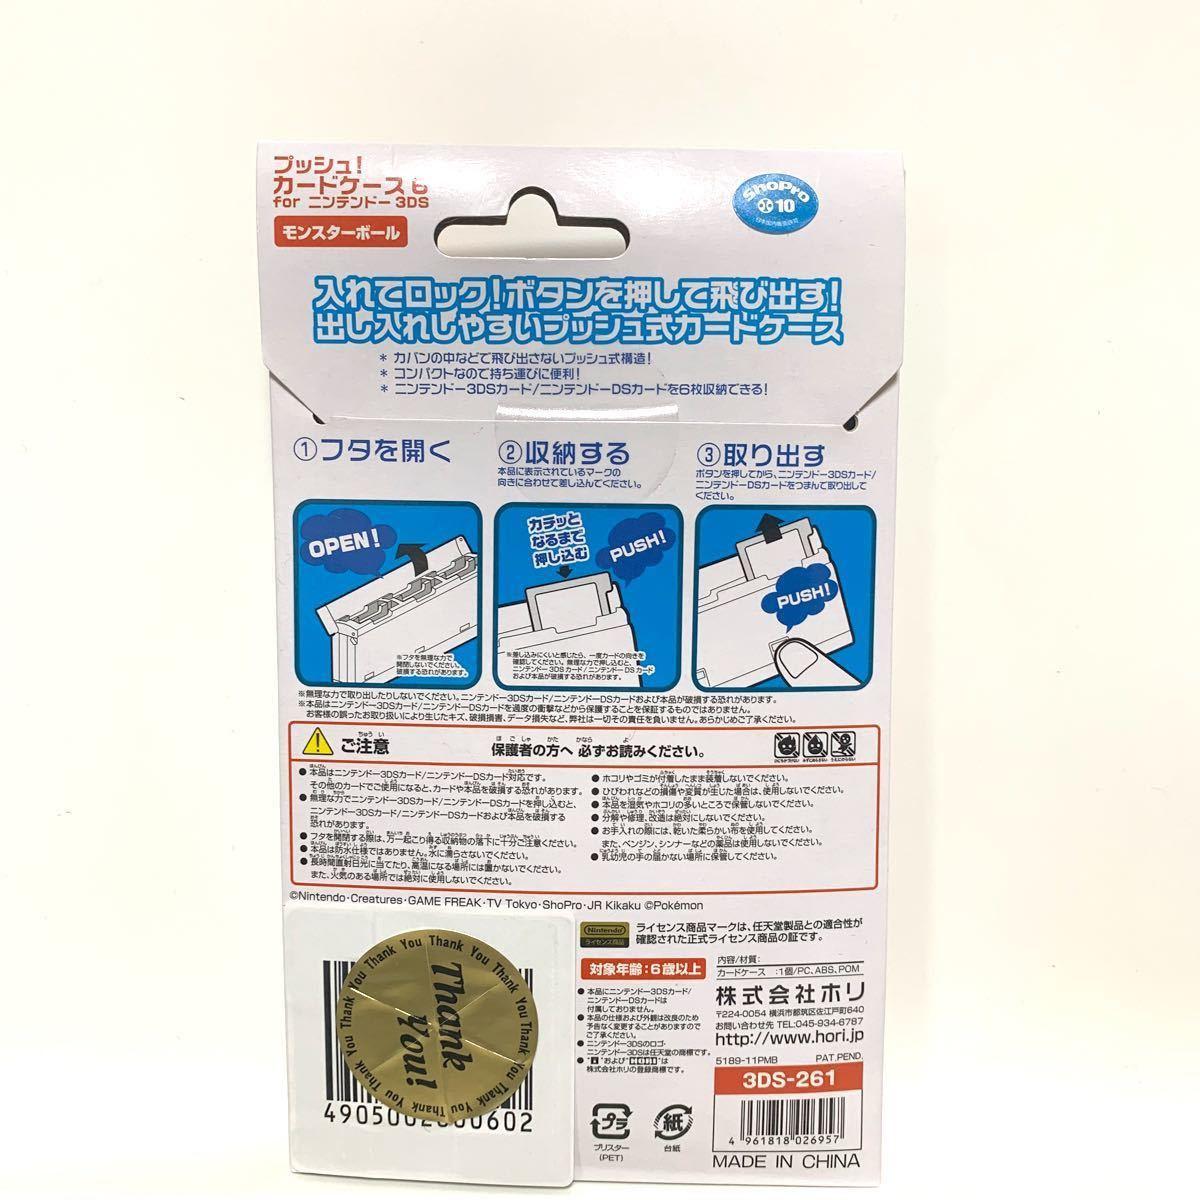 ポケットモンスタープッシュ! カードケース6 for ニンテンドー3DS モンスターボール